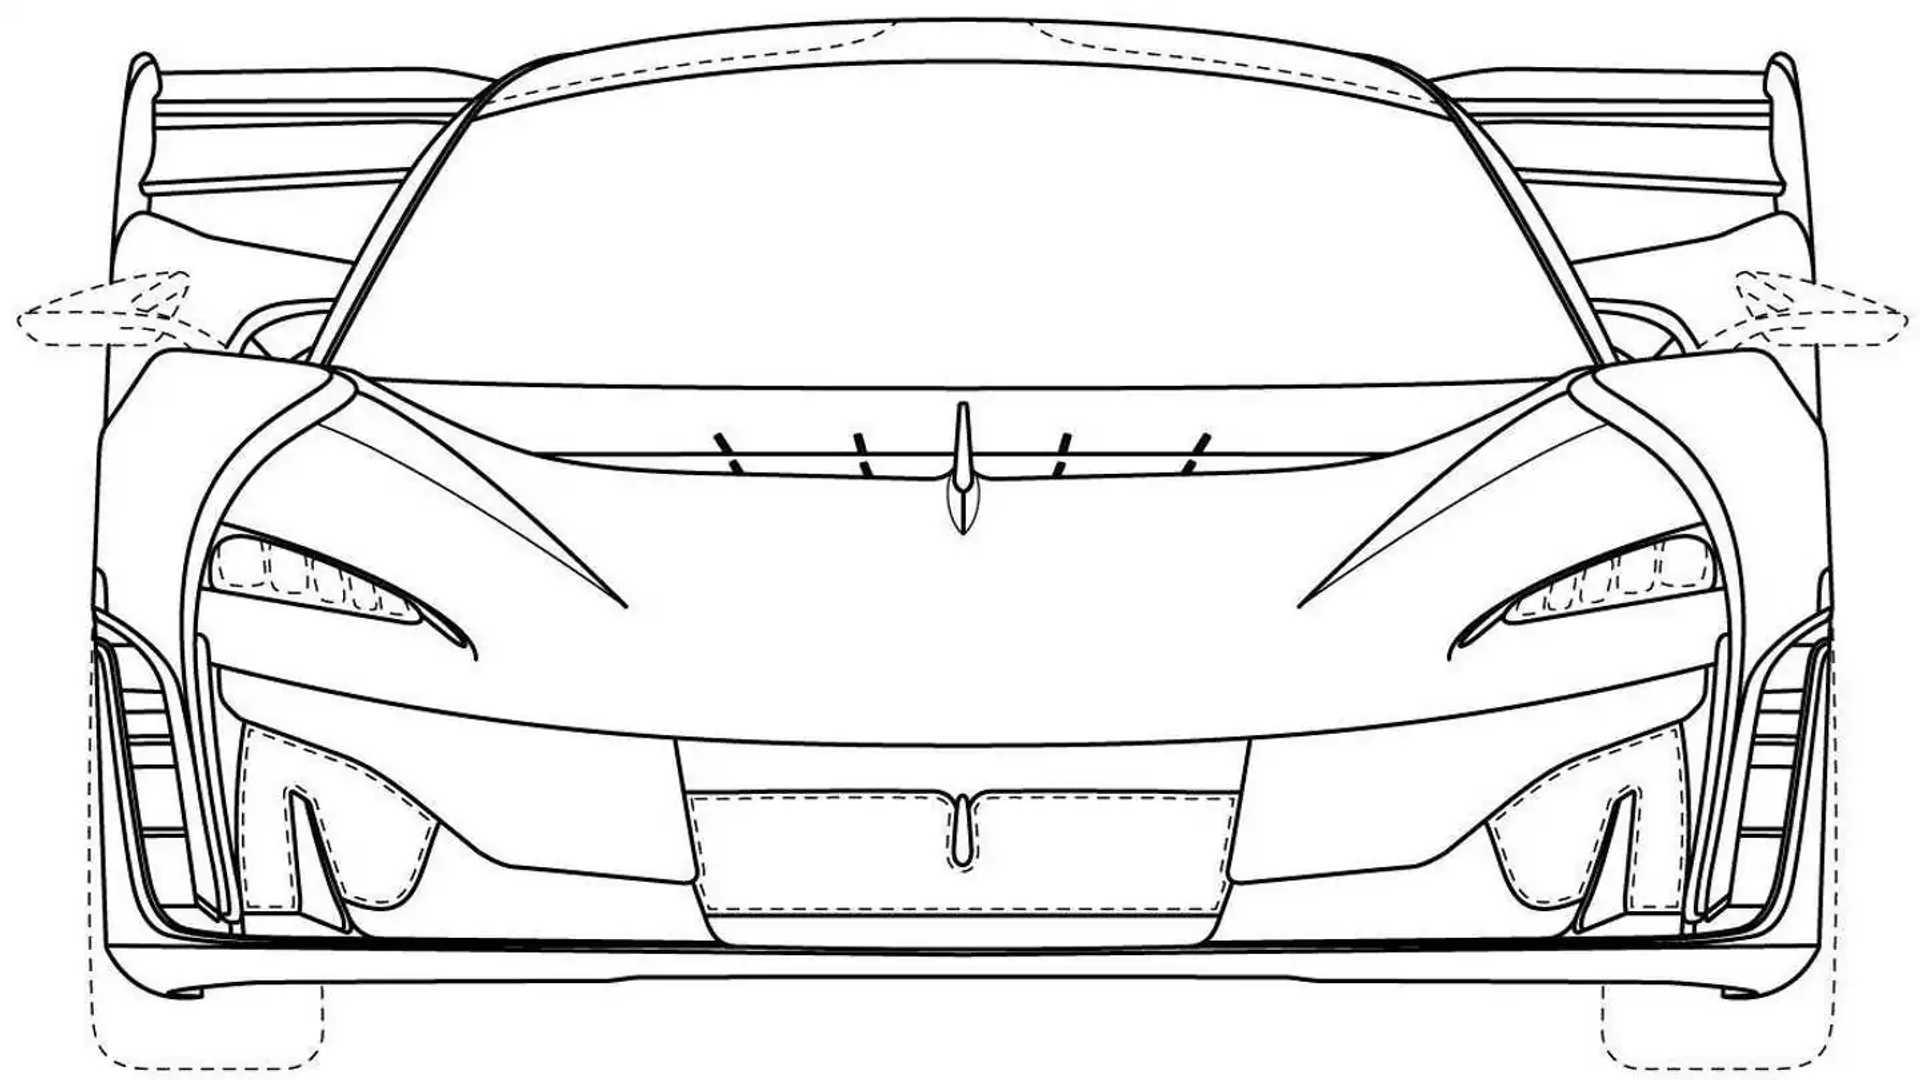 McLaren Ultimate Series Design Trademark Front